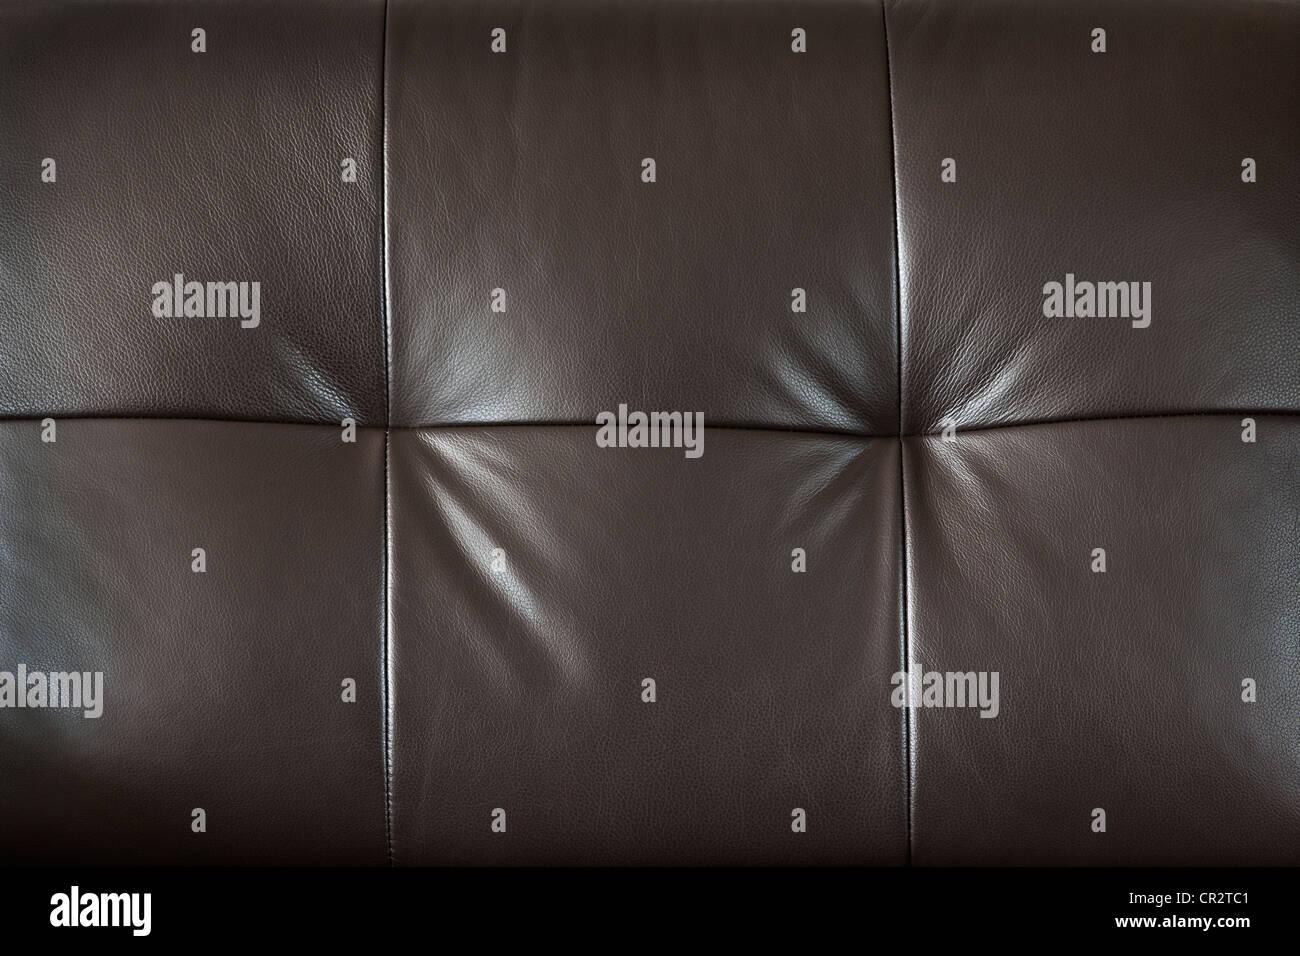 Nahaufnahme des luxuriösen teuer braune Ledermöbel, Hintergrund Stockbild